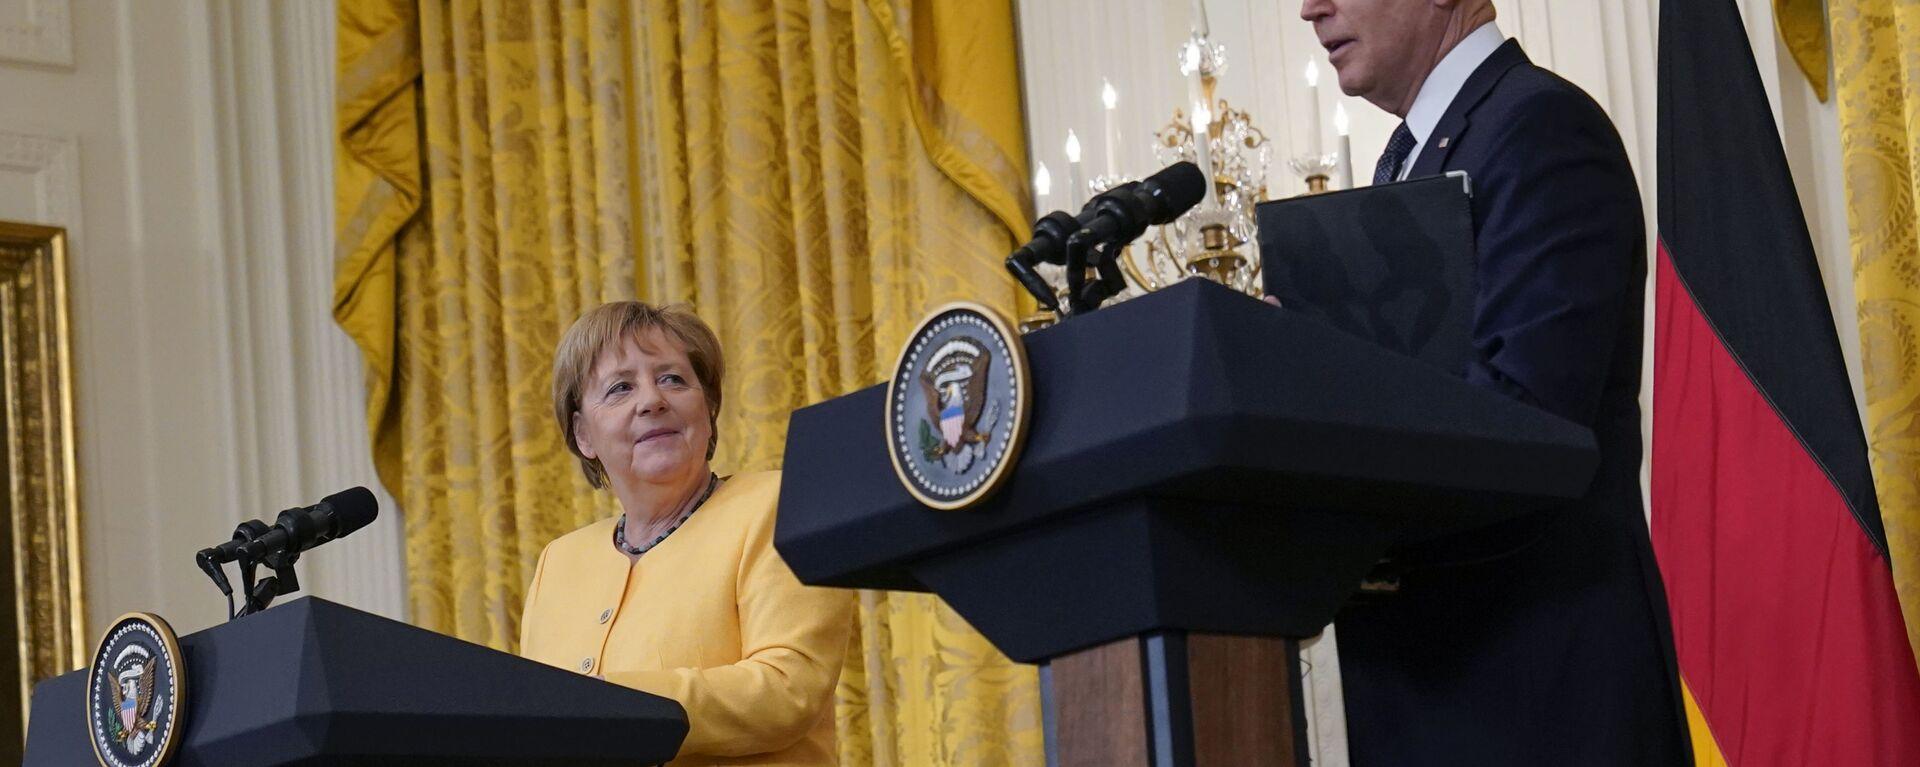 Americký prezident Biden a německá kancléřka Merkelová ve Washingtonu - Sputnik Česká republika, 1920, 16.07.2021